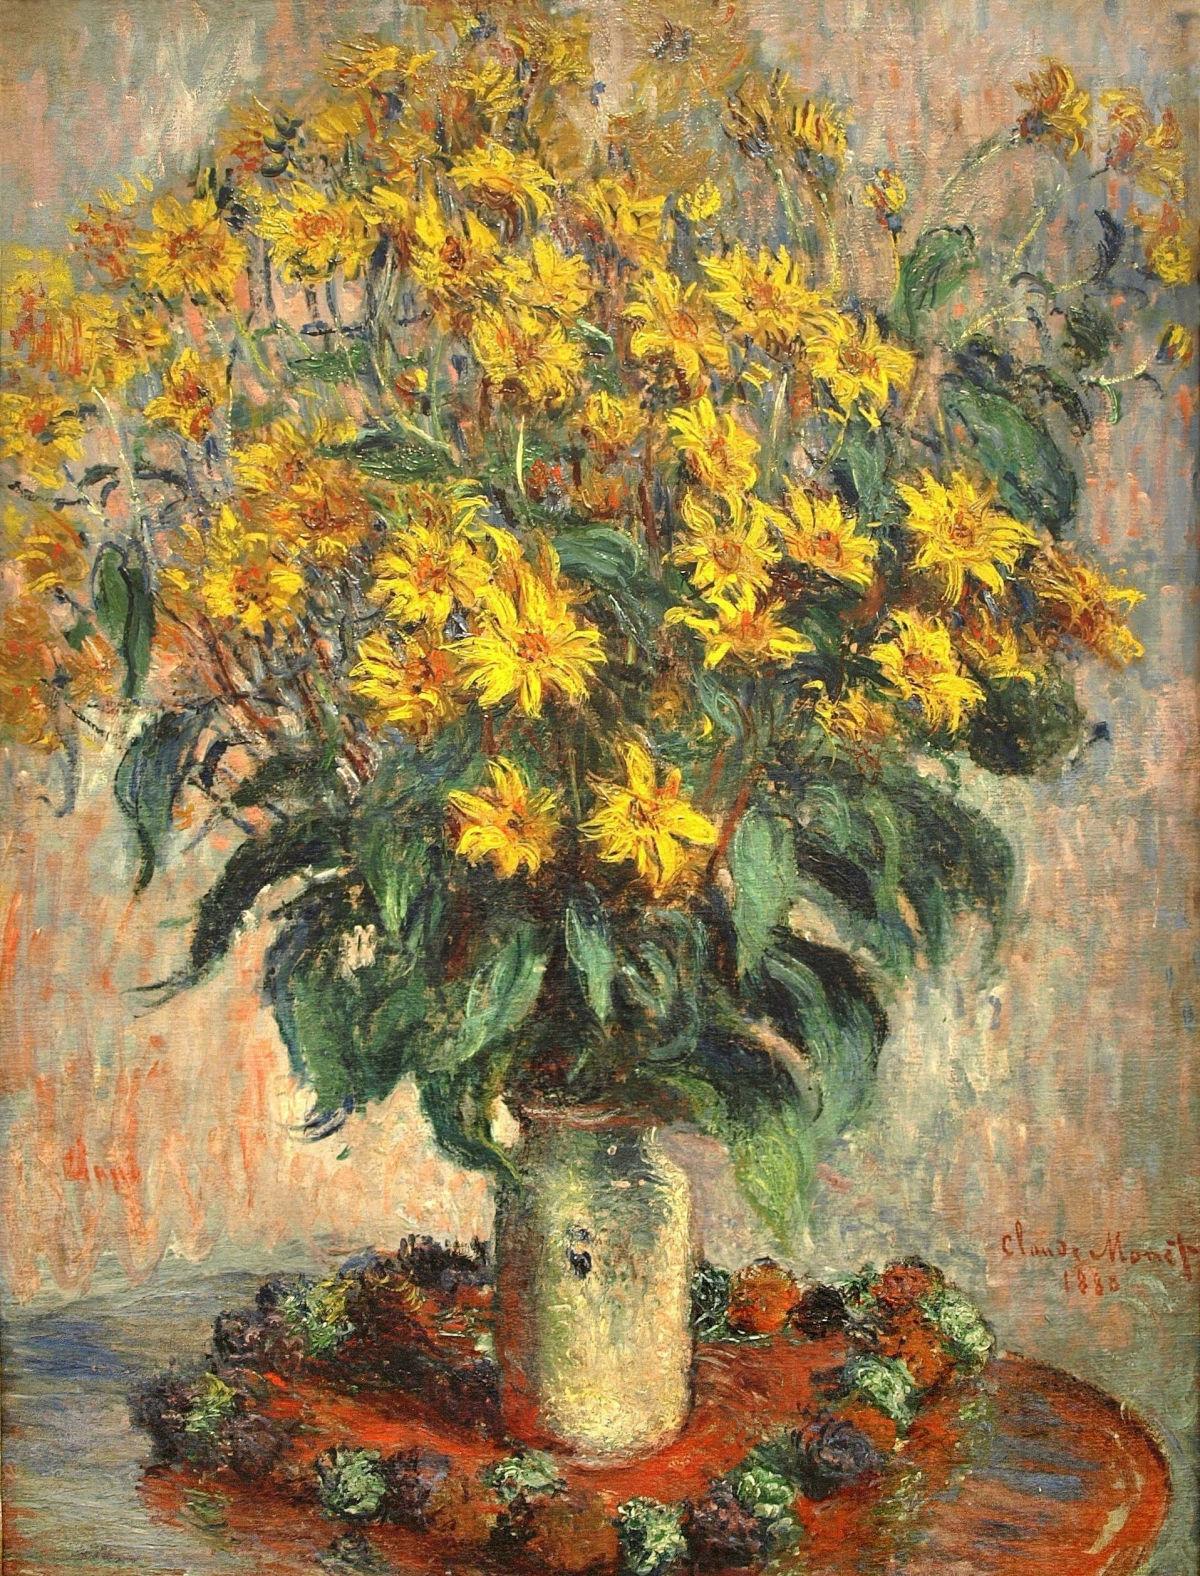 Художник Клод Моне Claude Monet картина Jerusalem Artichokes краски природы Альберт Сафиуллин